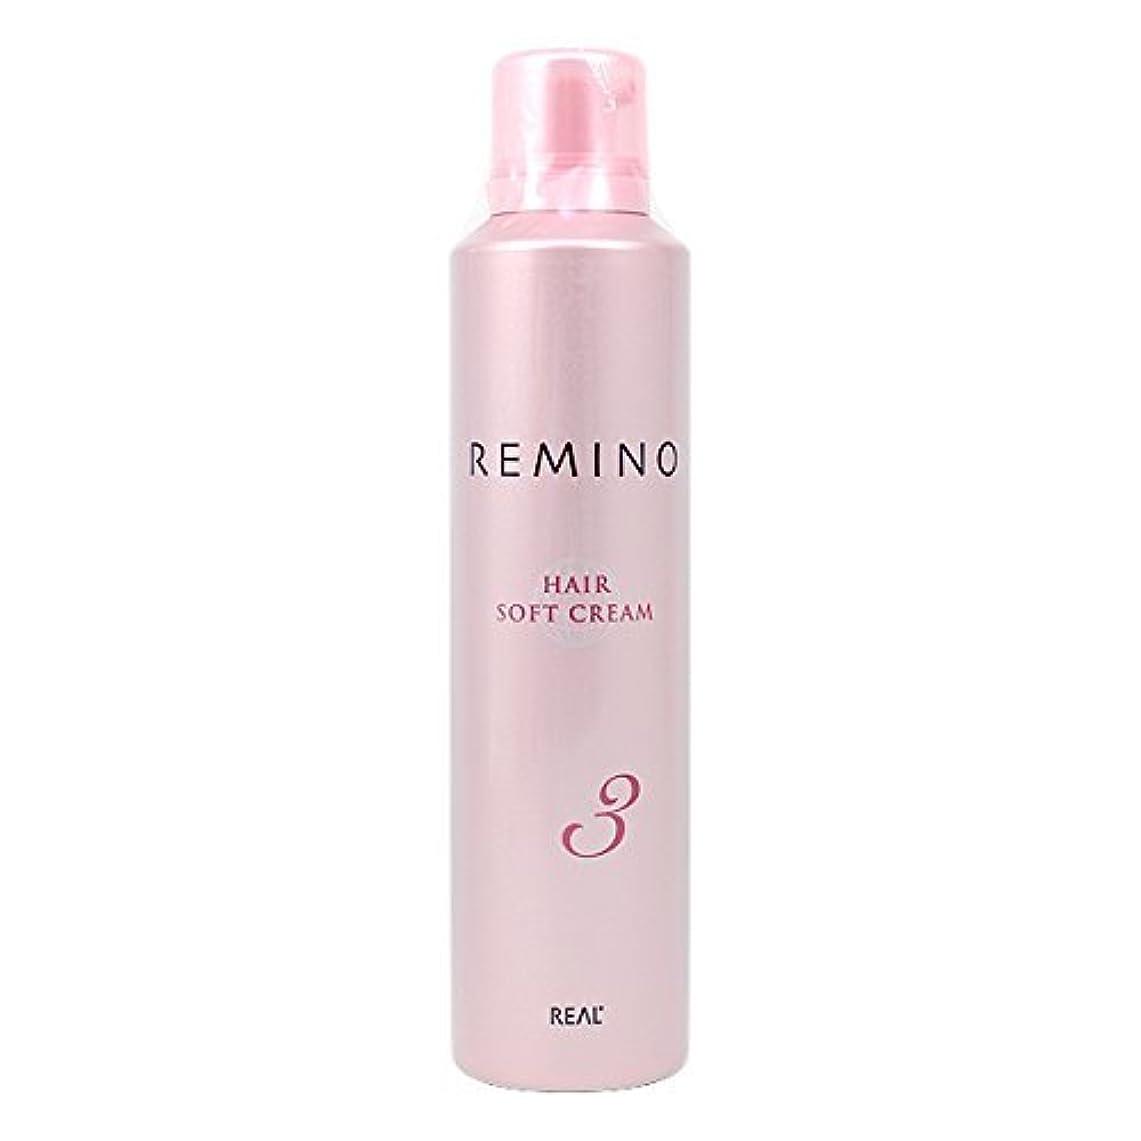 リアル化学 レミノ ヘアソフトクリーム 3 240g